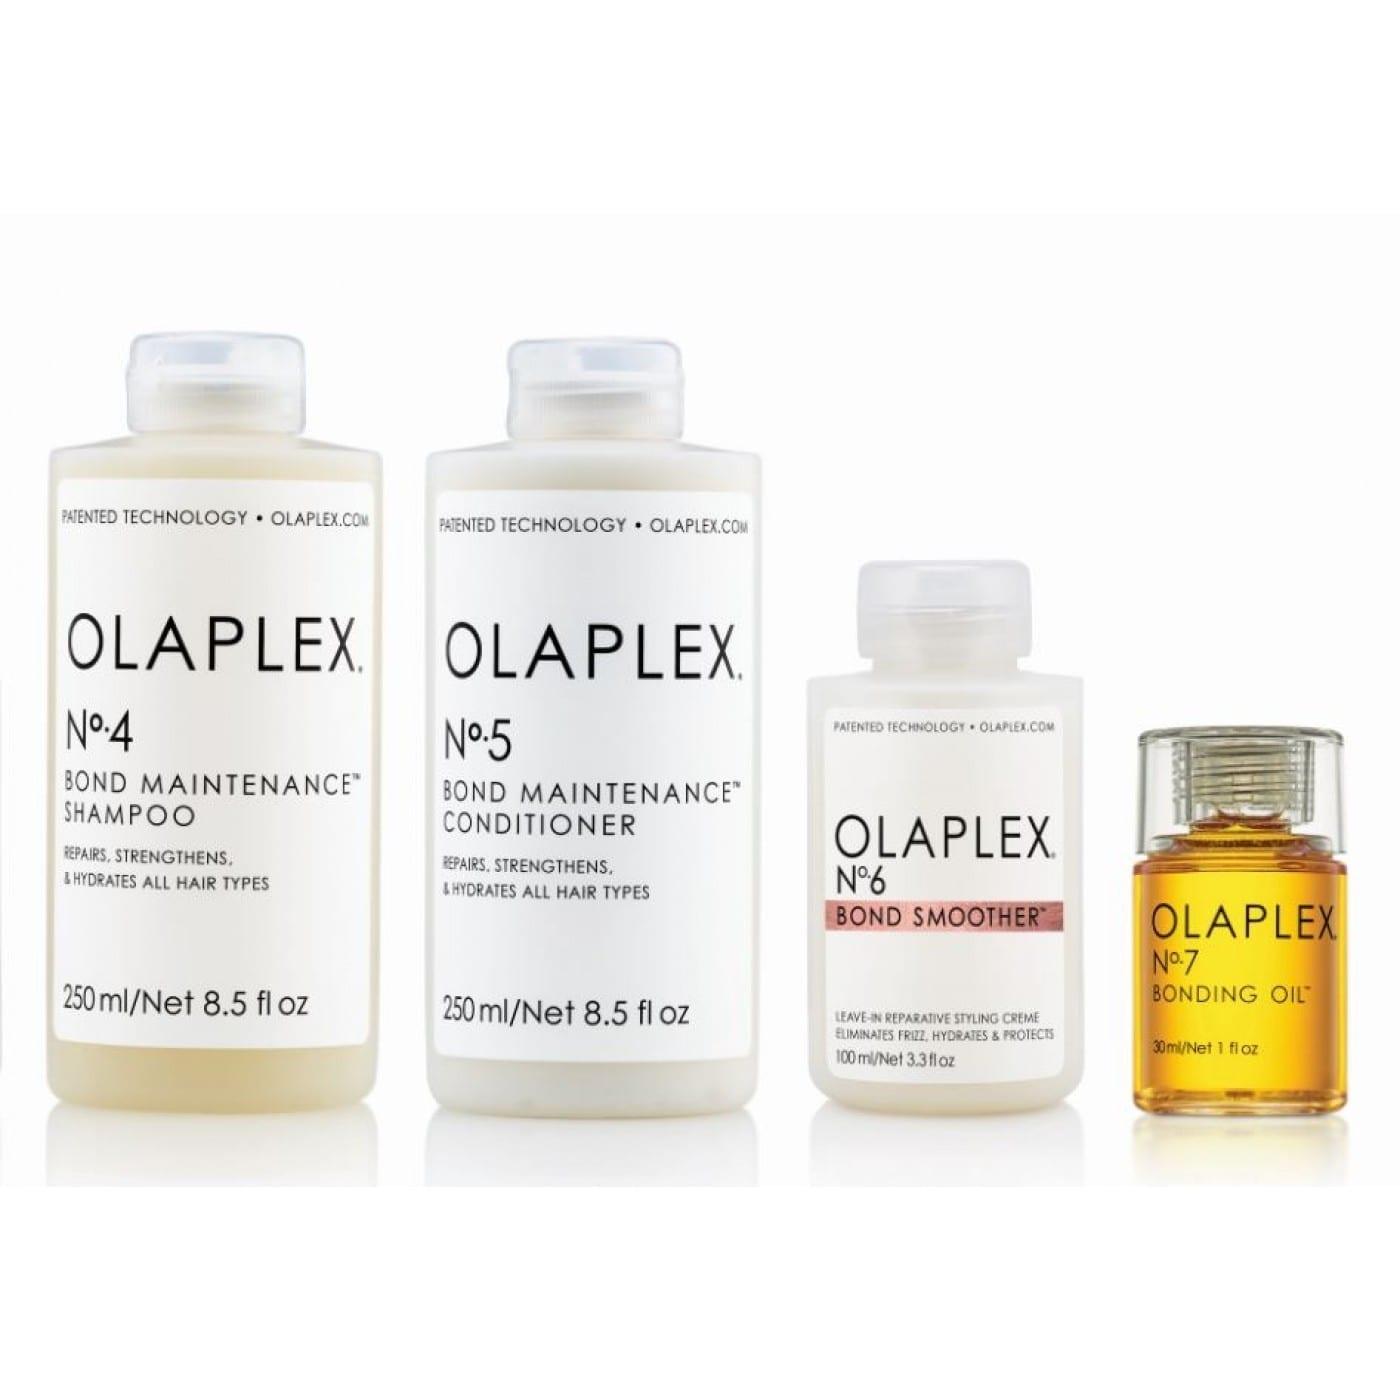 Olaplex Salon Activation Kit